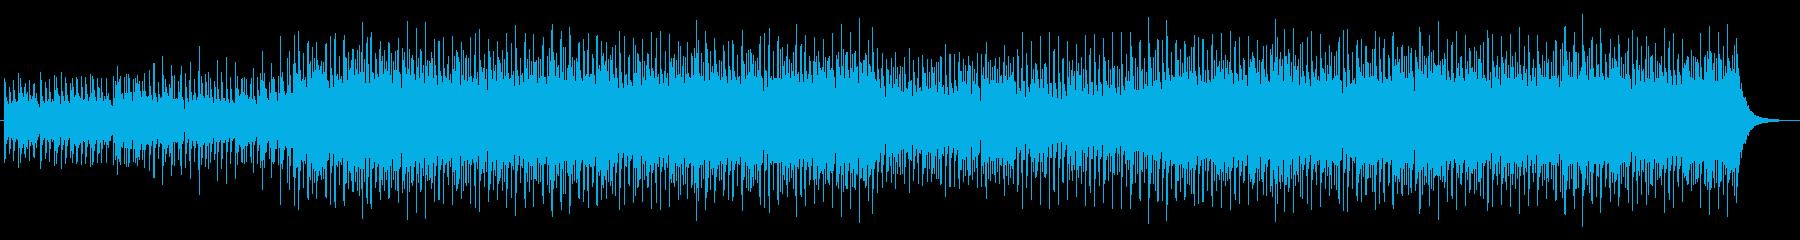 コーポレートミュージック4の再生済みの波形